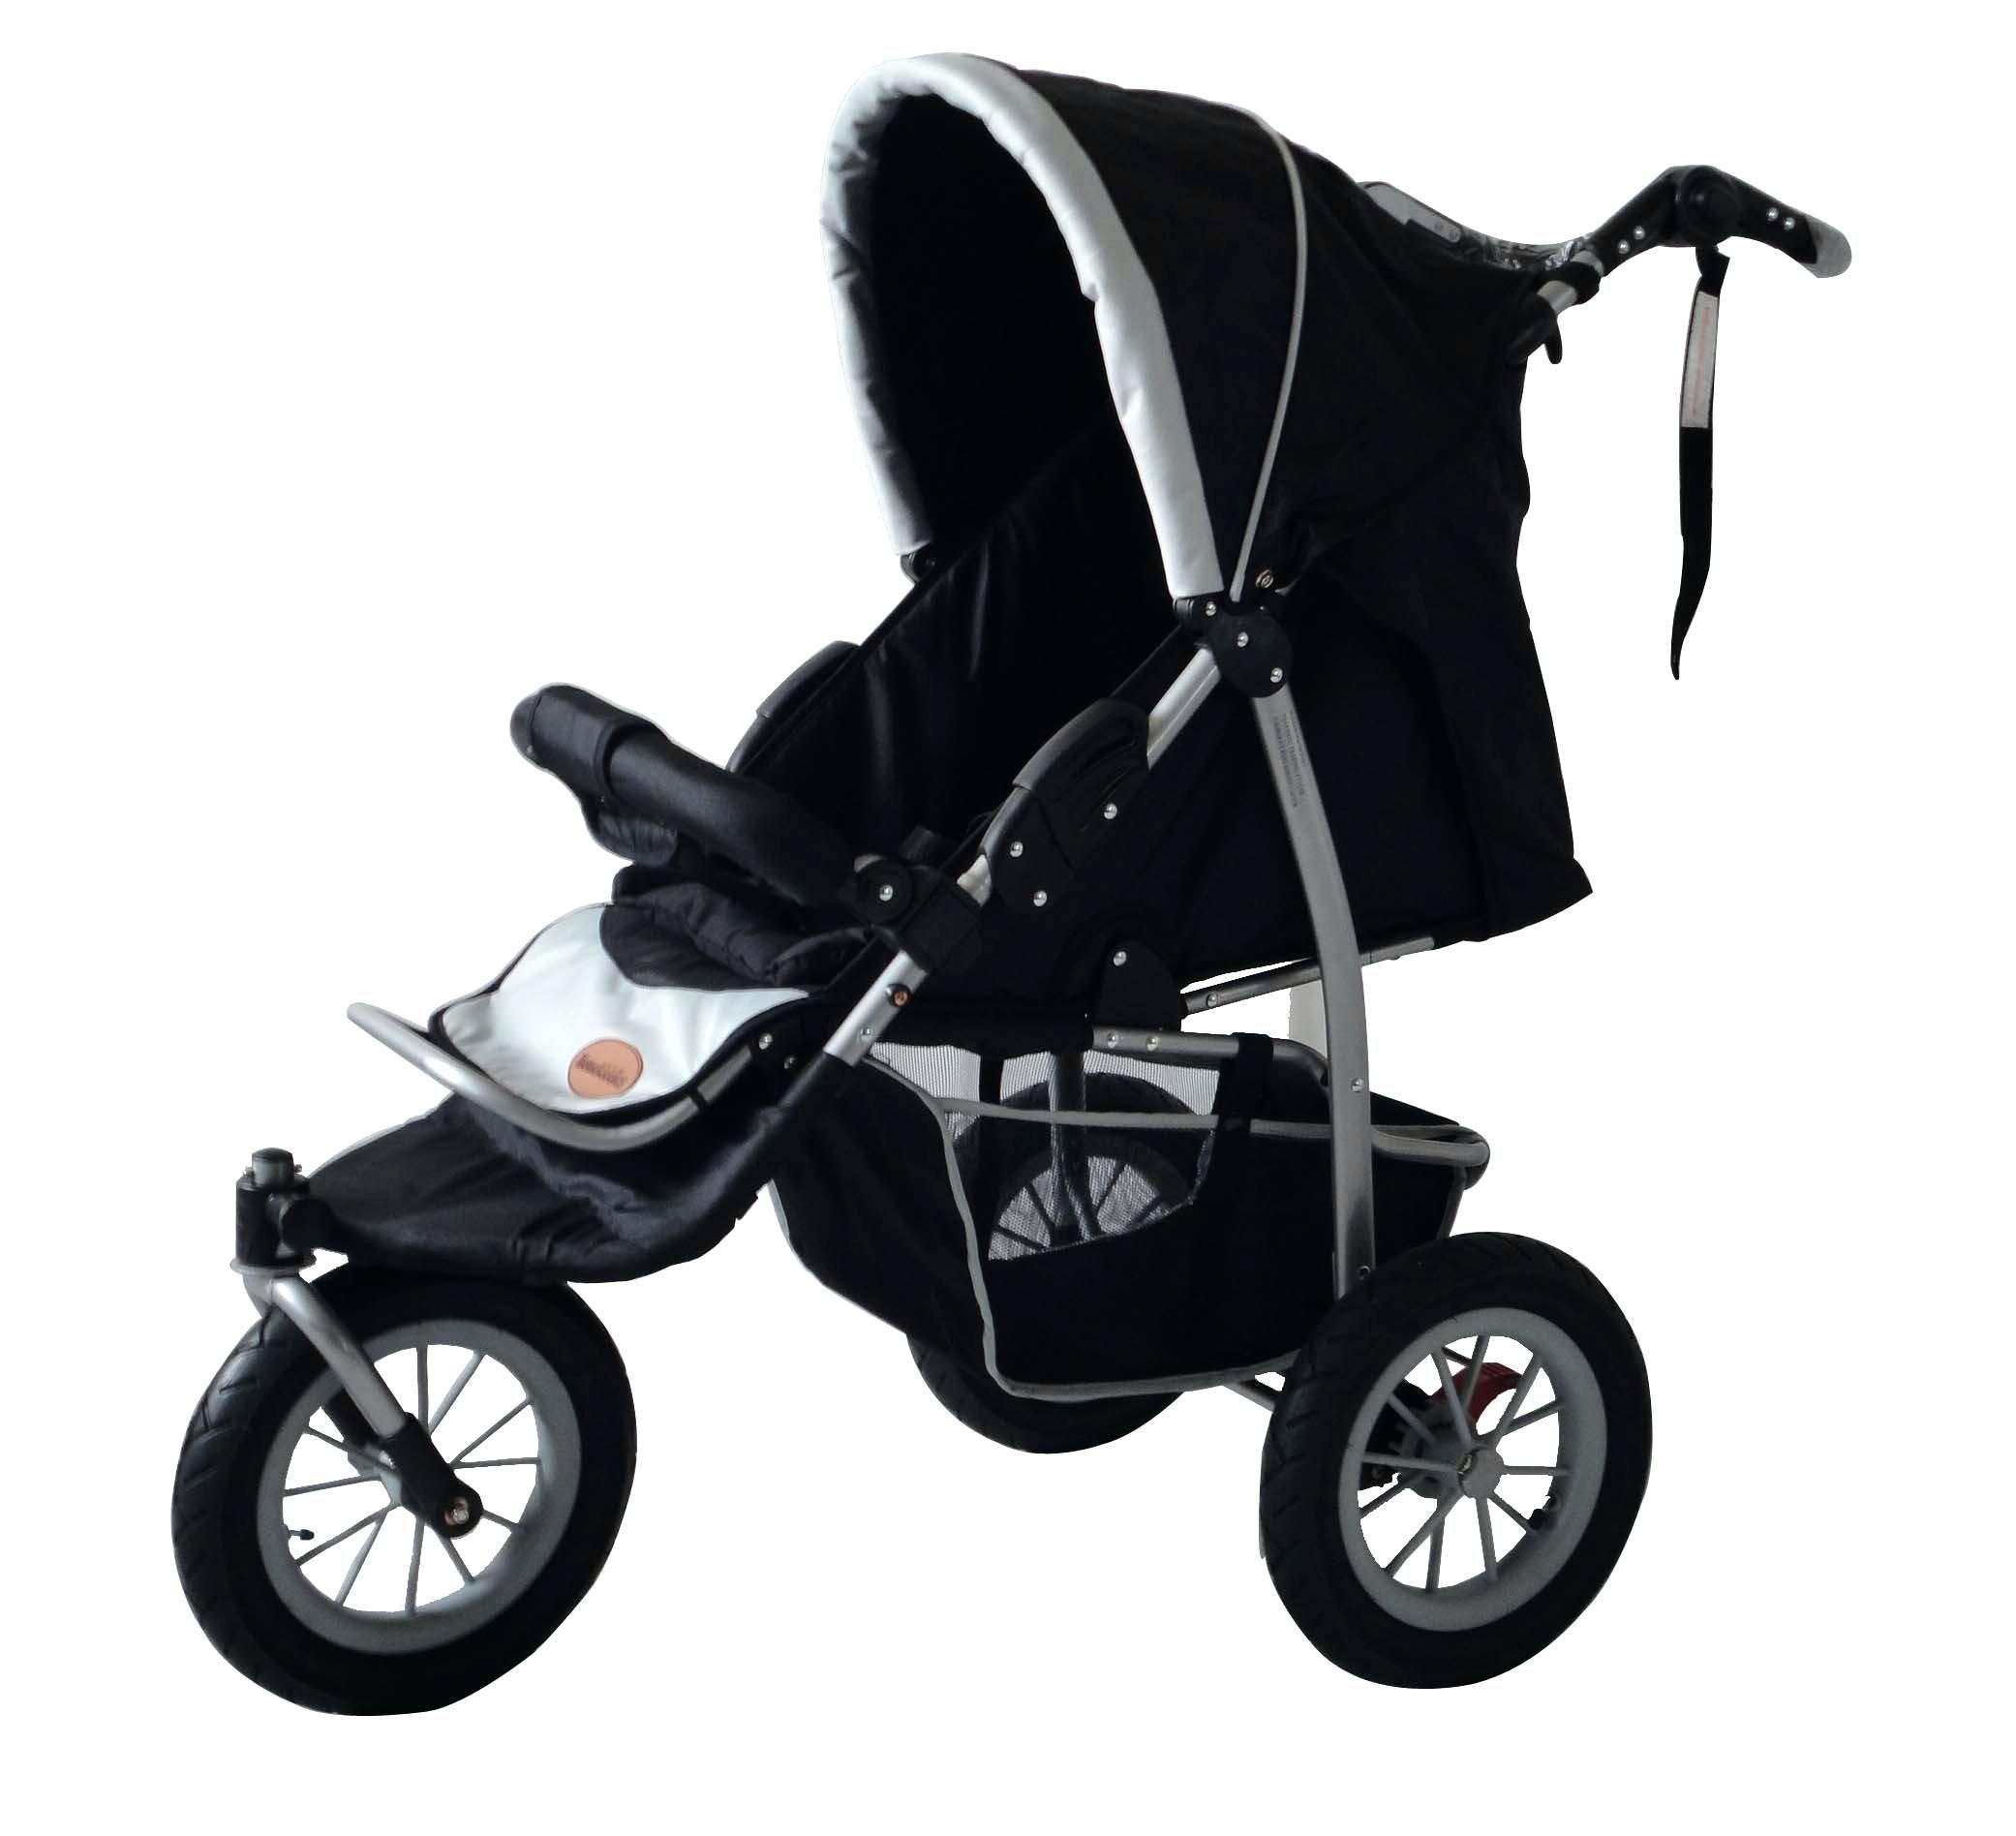 Orbit Baby Kinderwagen Packtasche Au Cookie Cutter